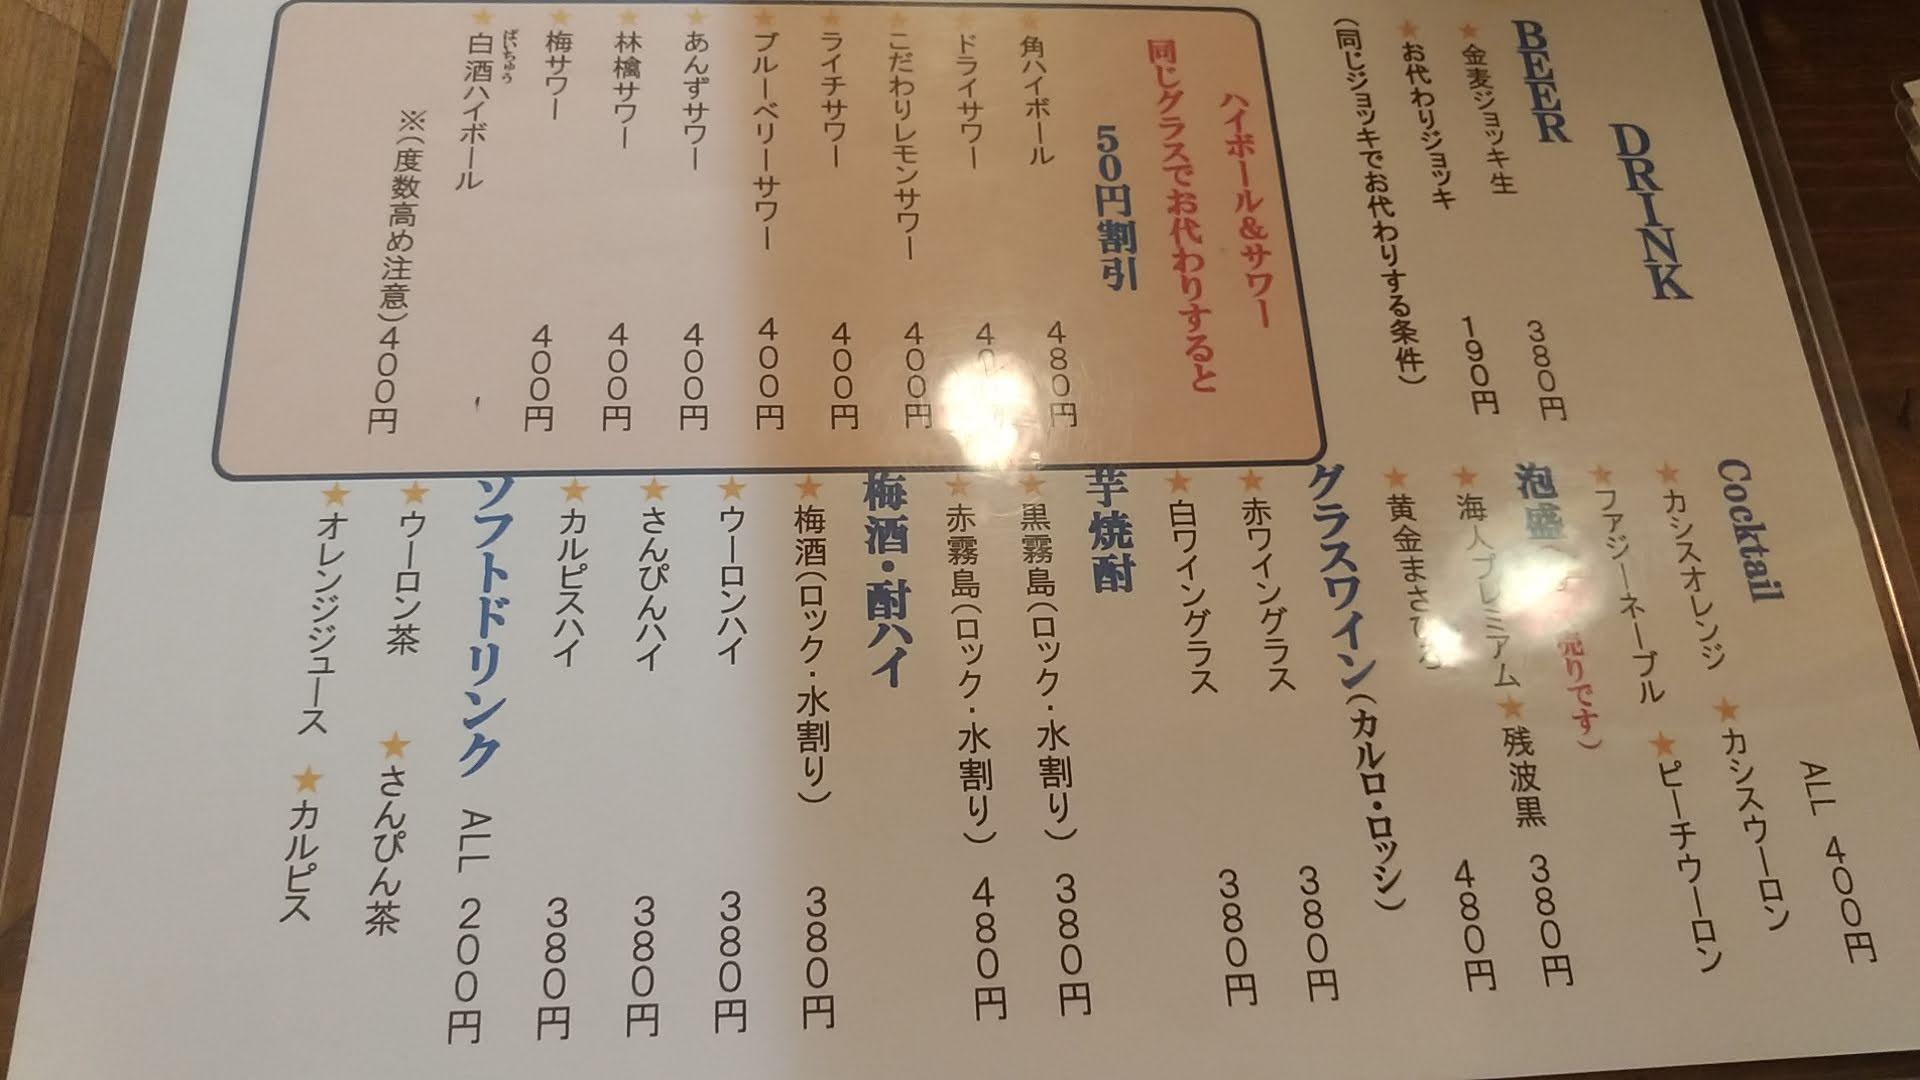 いちまん横丁SHINKAのドリンクメニュー 1